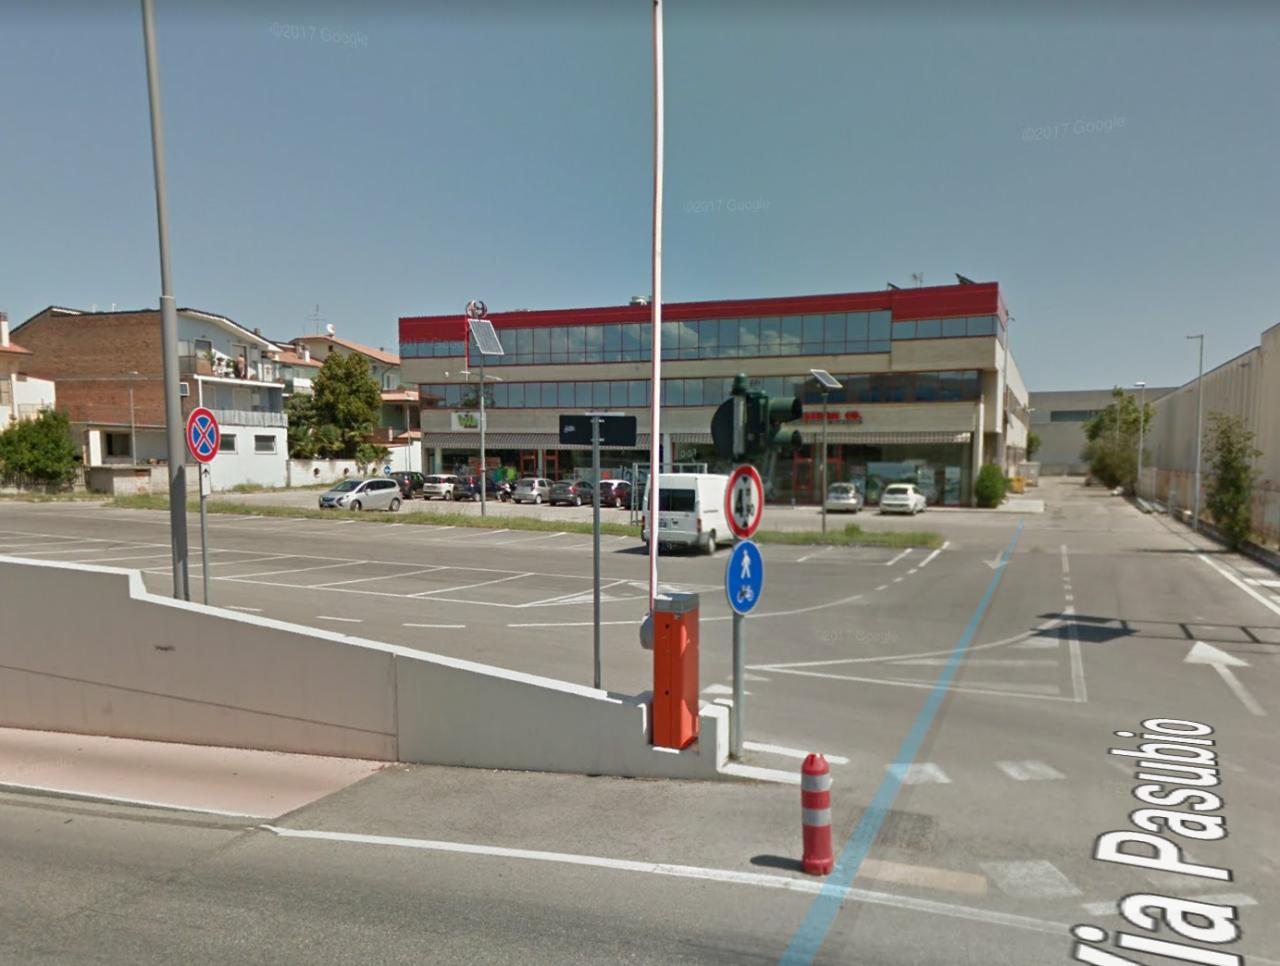 Locale commerciale - in centro commerciale a San Benedetto del Tronto Rif. 7732501